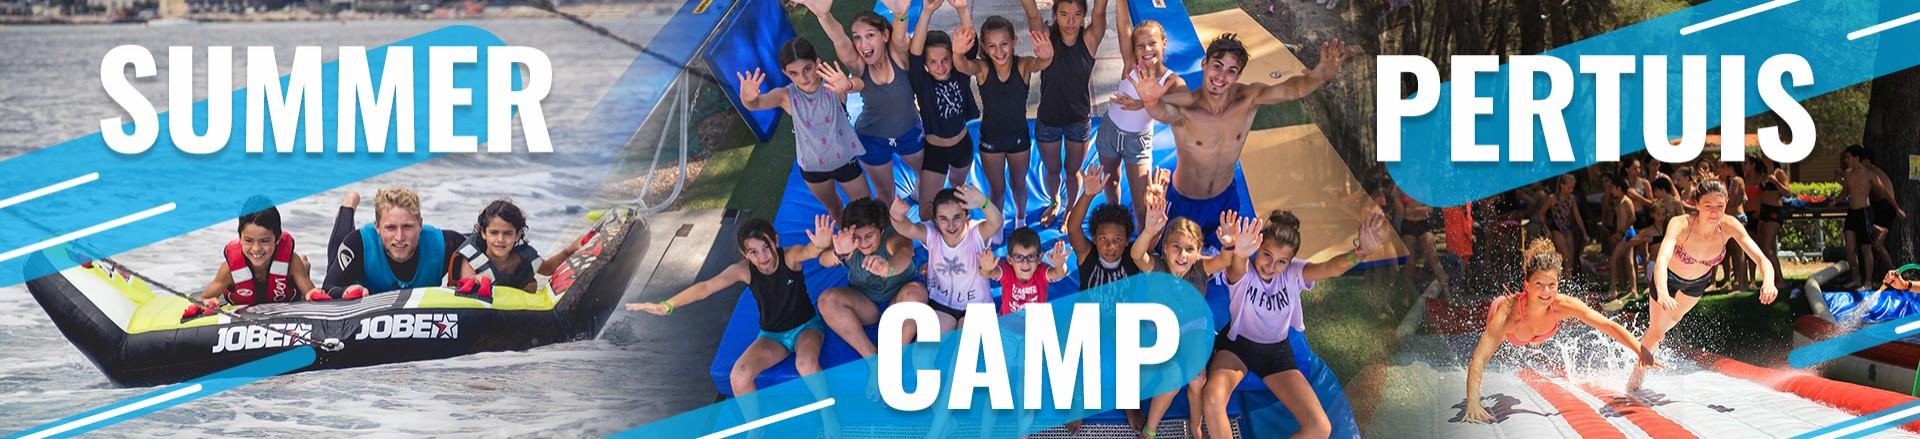 nos activités au Summer Camp Pertuis